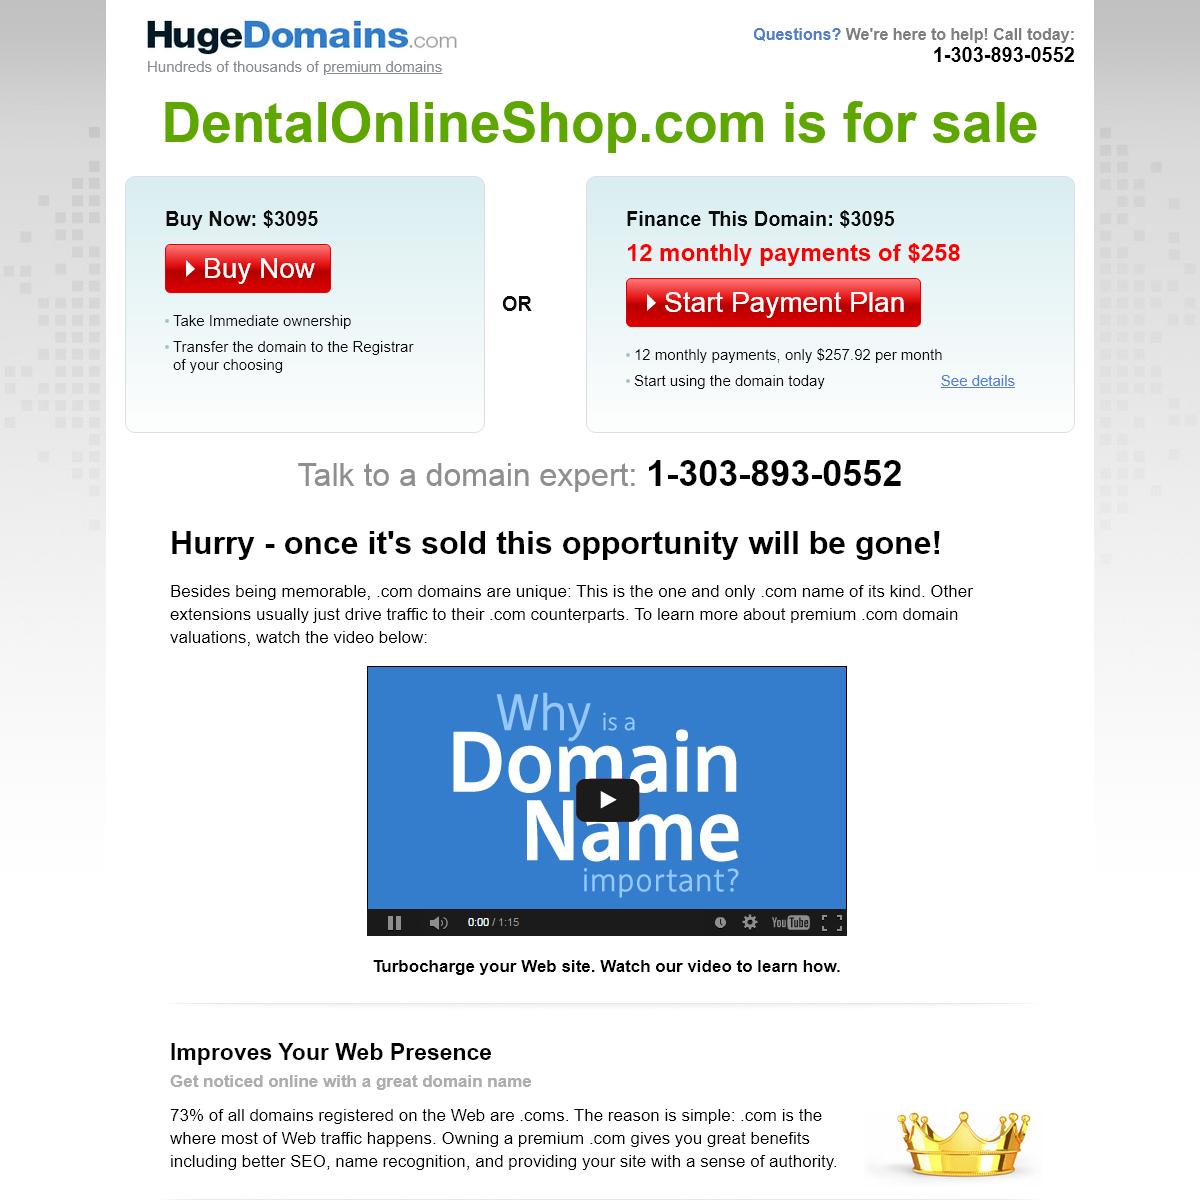 HugeDomains.com - DentalOnlineShop.com is for sale (Dental Online Shop)